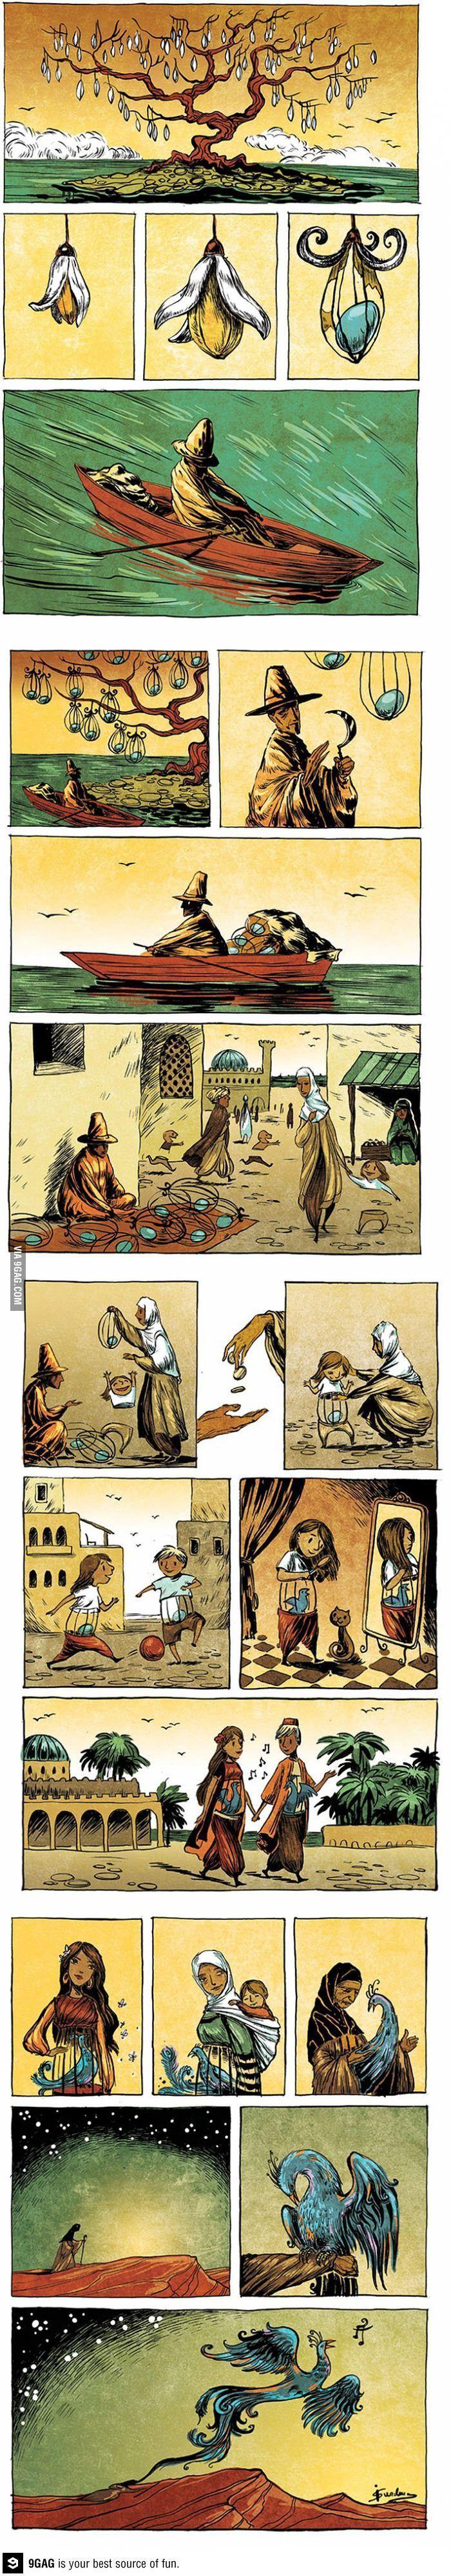 Uma vida simples- uma tirinha sobre o percurso de nossas almas